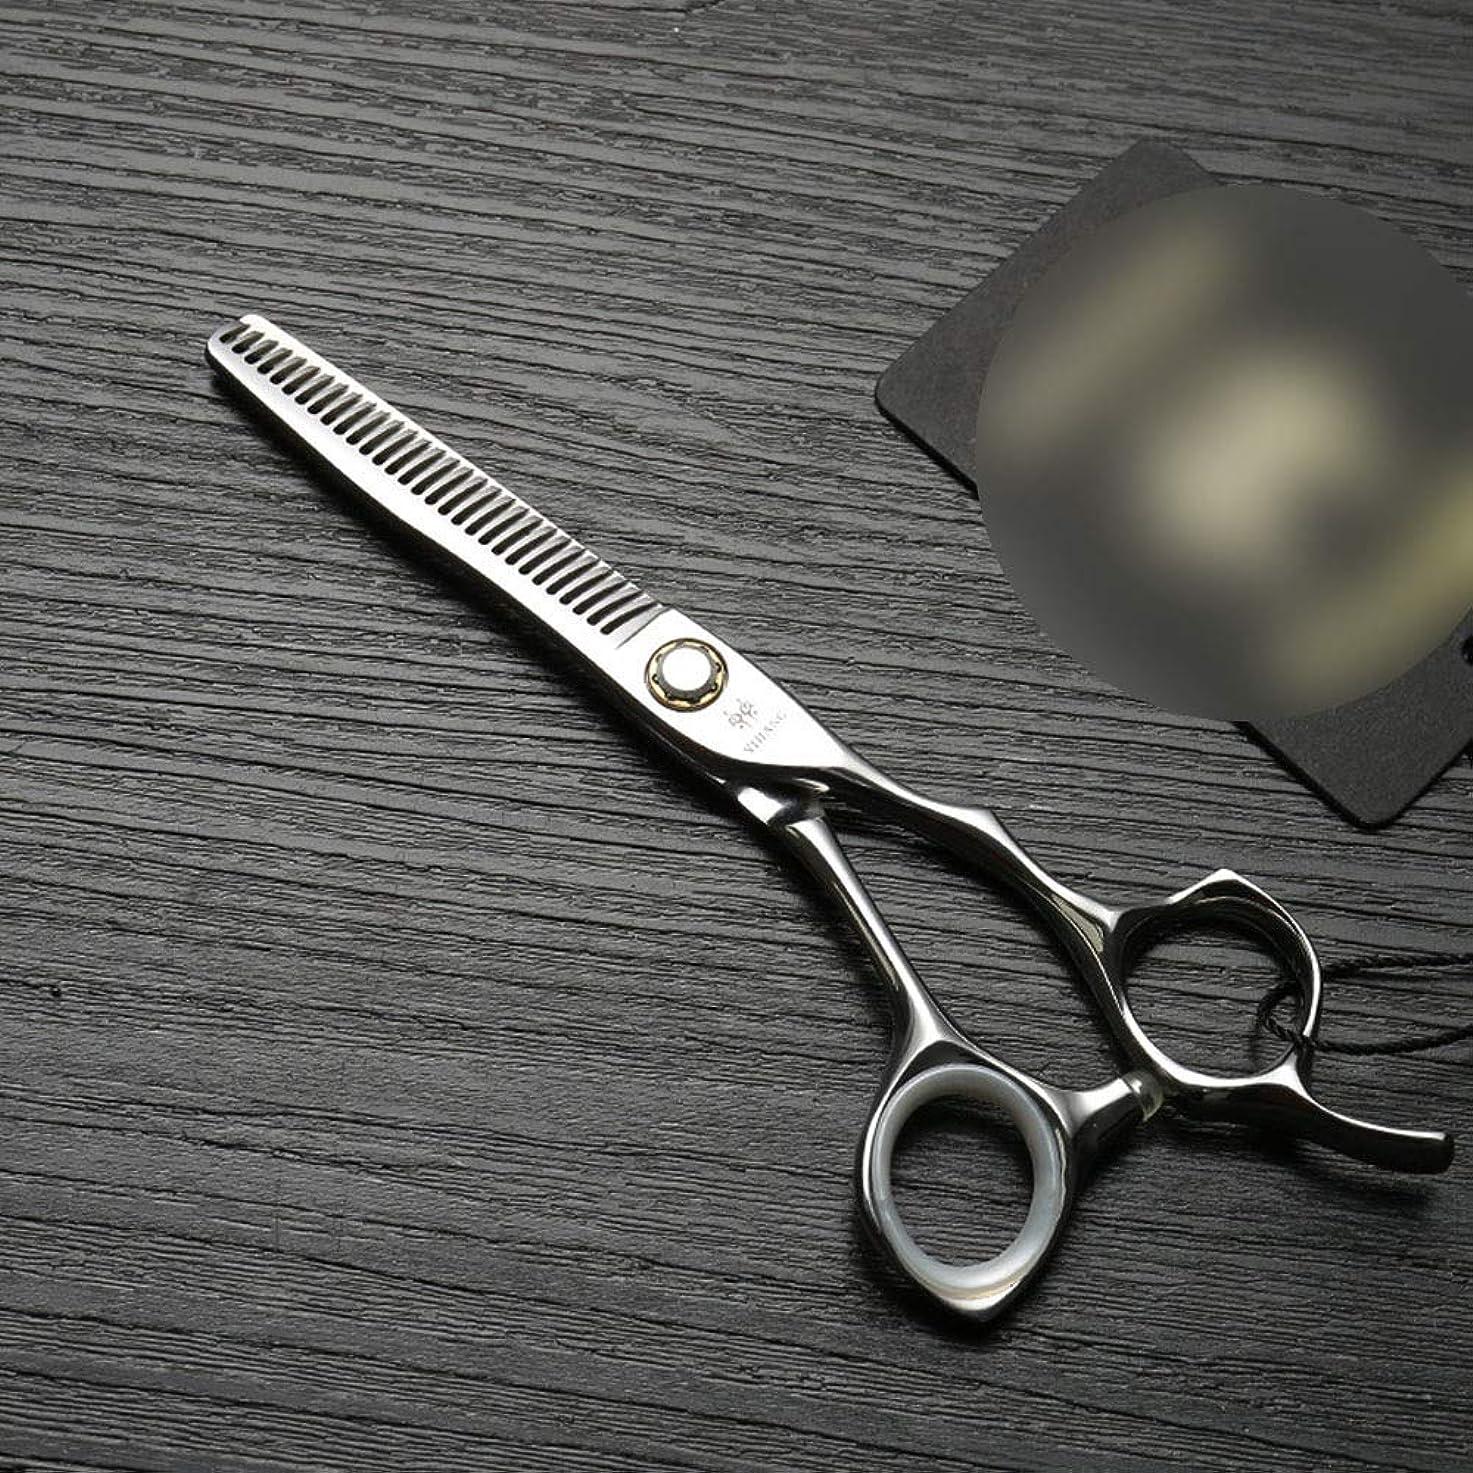 理髪用はさみ 6インチプロフェッショナル理髪はさみ、ベアリングねじ、ステンレス鋼のはさみはさみヘアカットはさみステンレス理髪はさみ (色 : Silver)